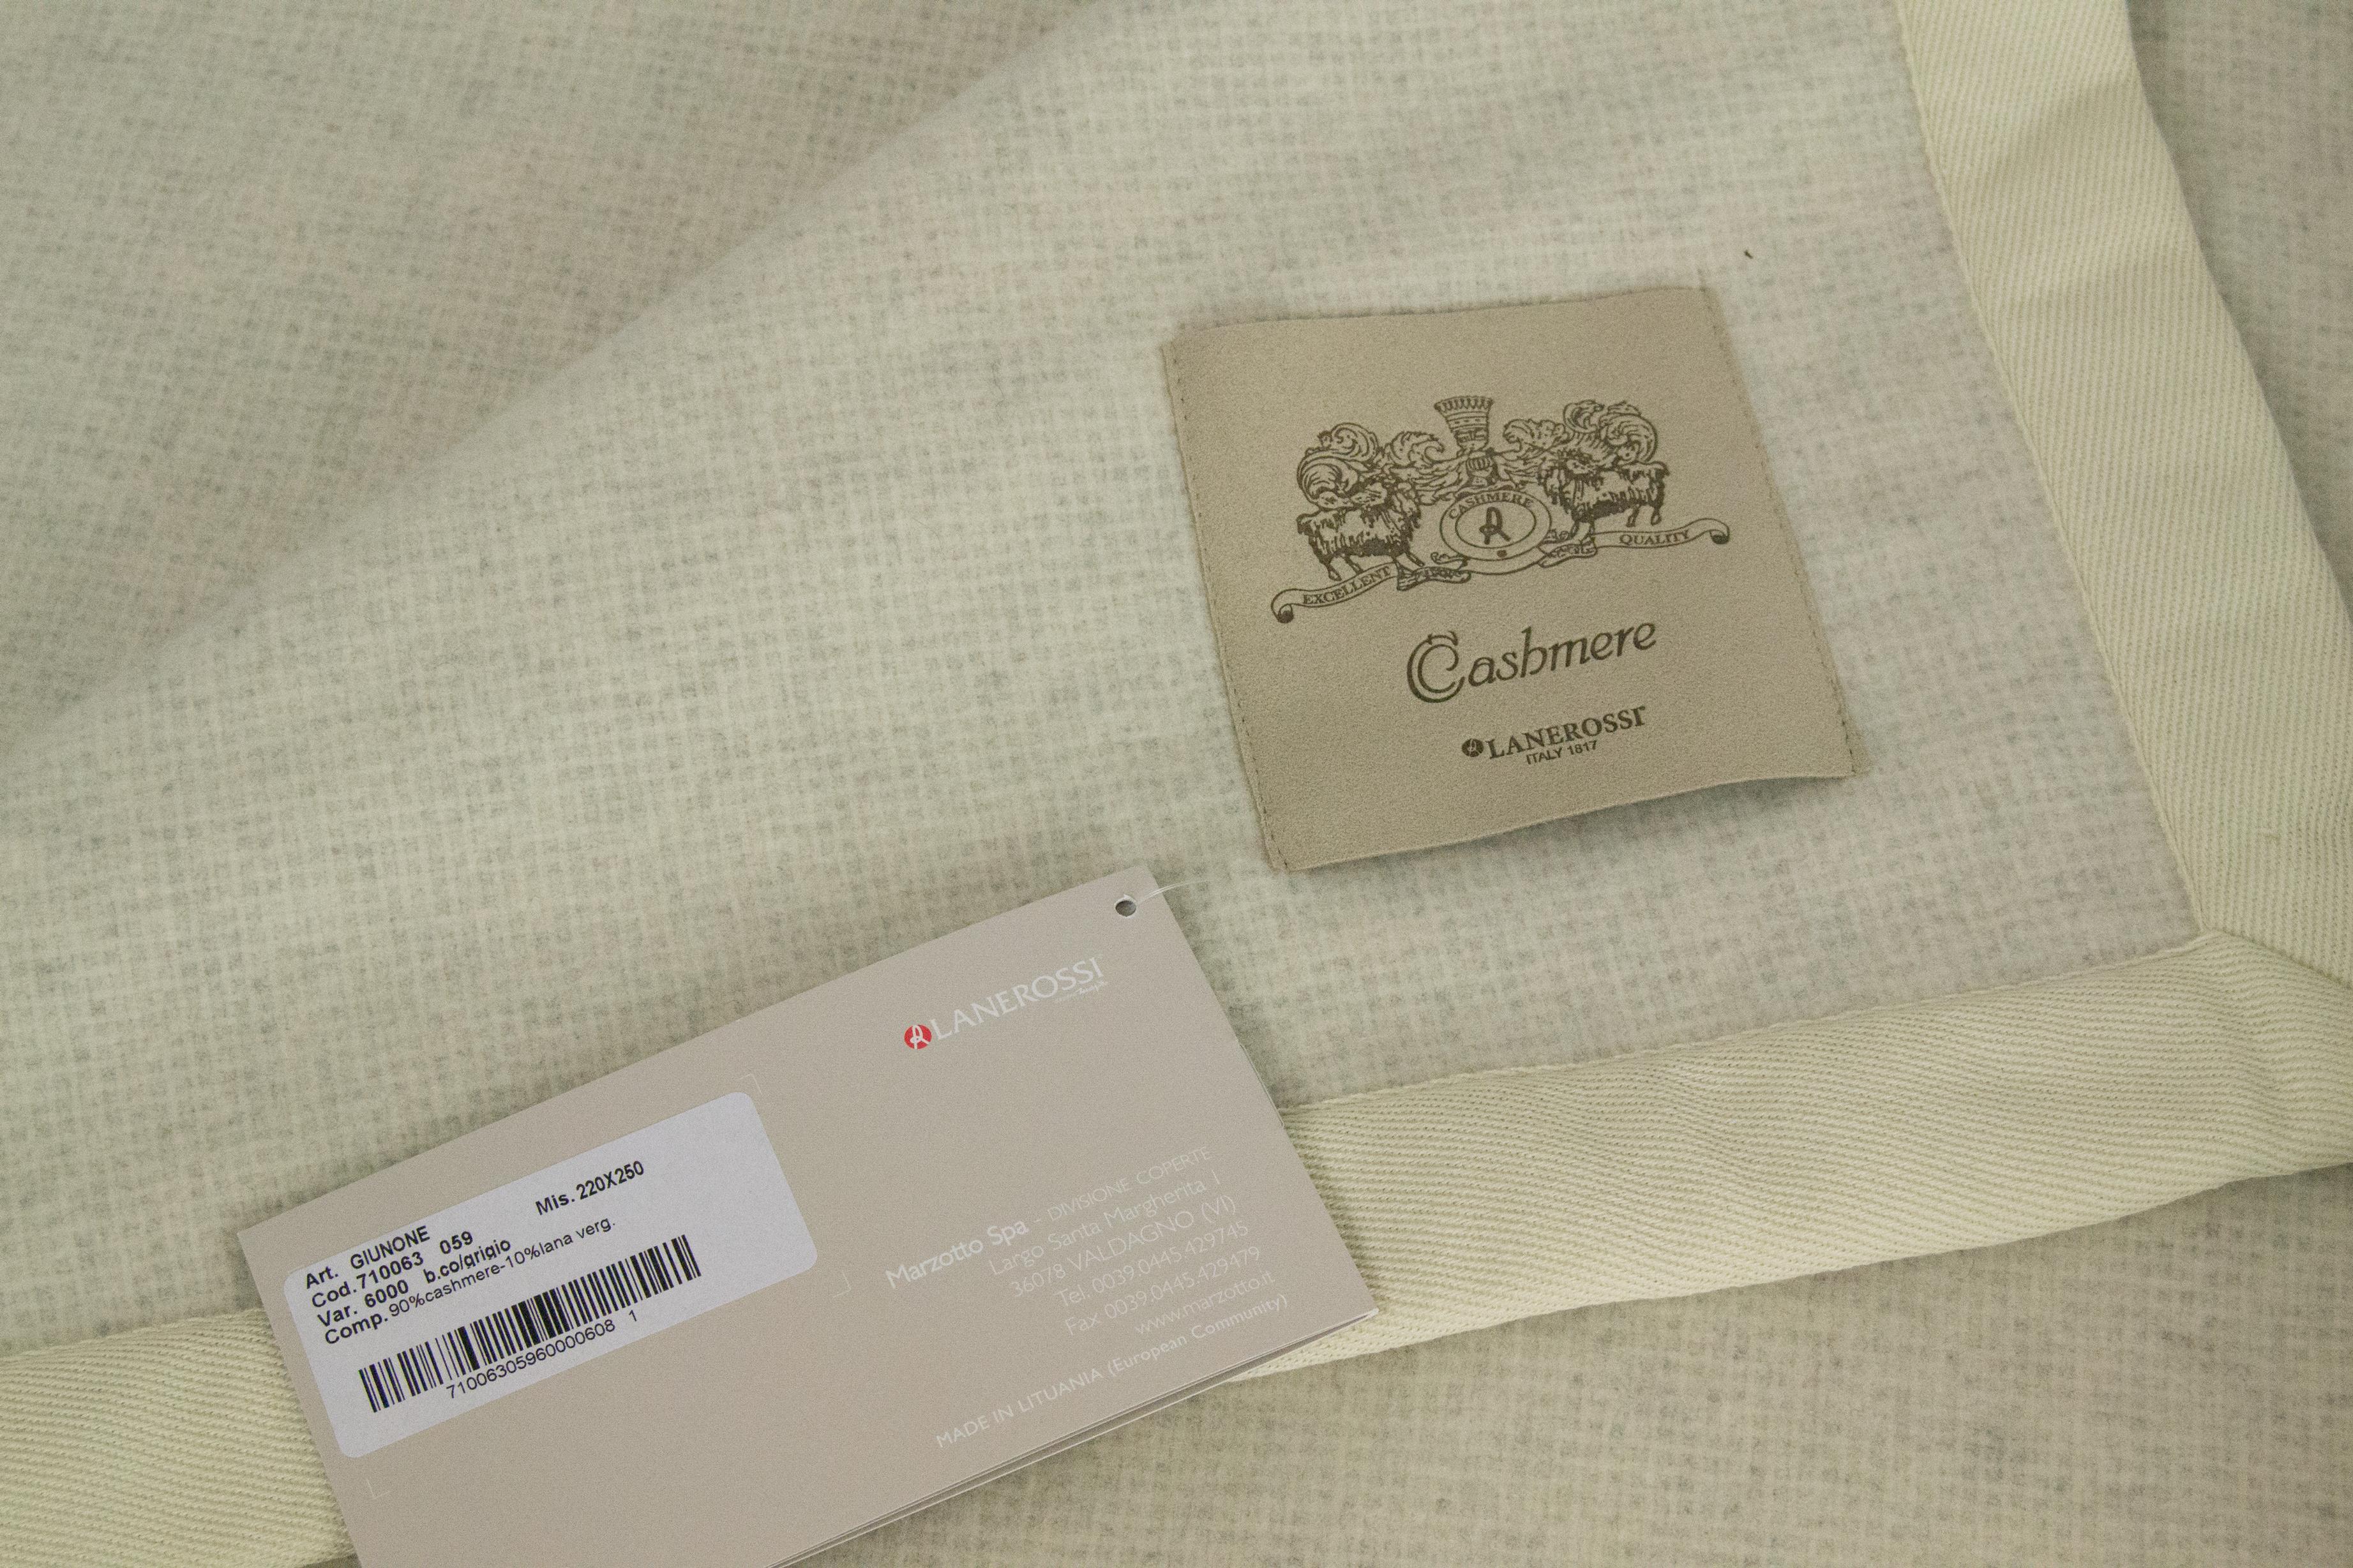 Coperta matrimoniale Lanerossi in Cashmere mod. Giunone - Punto Bianco fb90b45e124